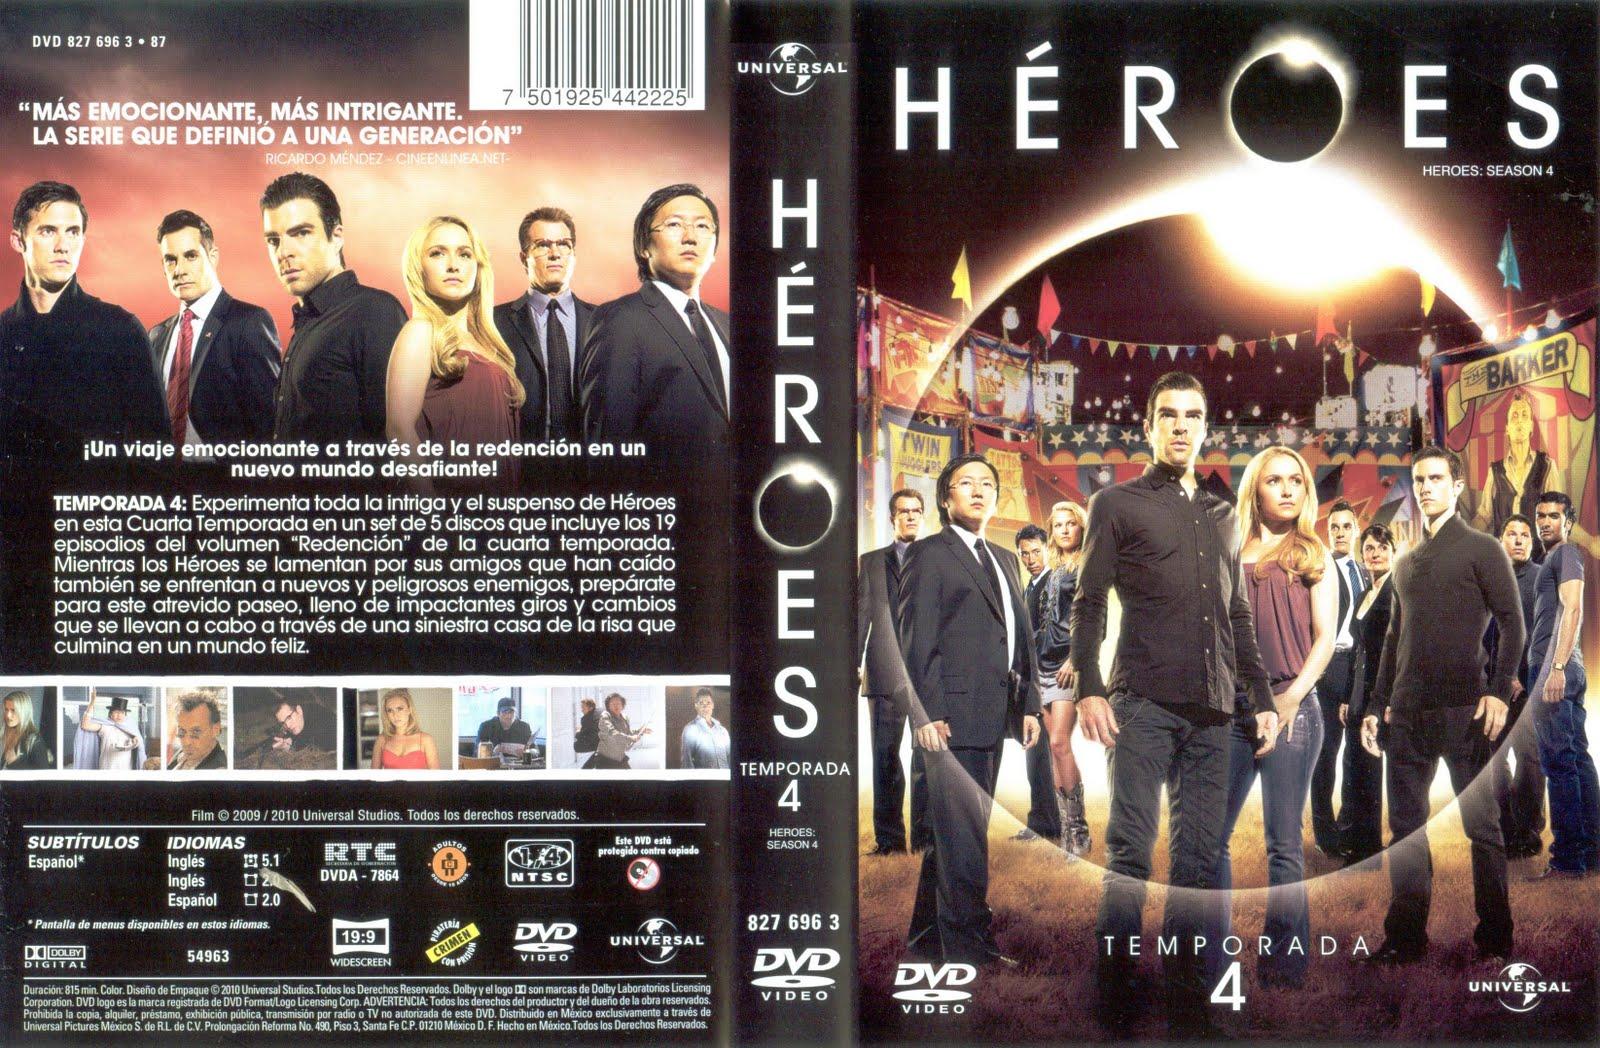 Peliculas en dvd: Heroes 4 temporada (5 discos)